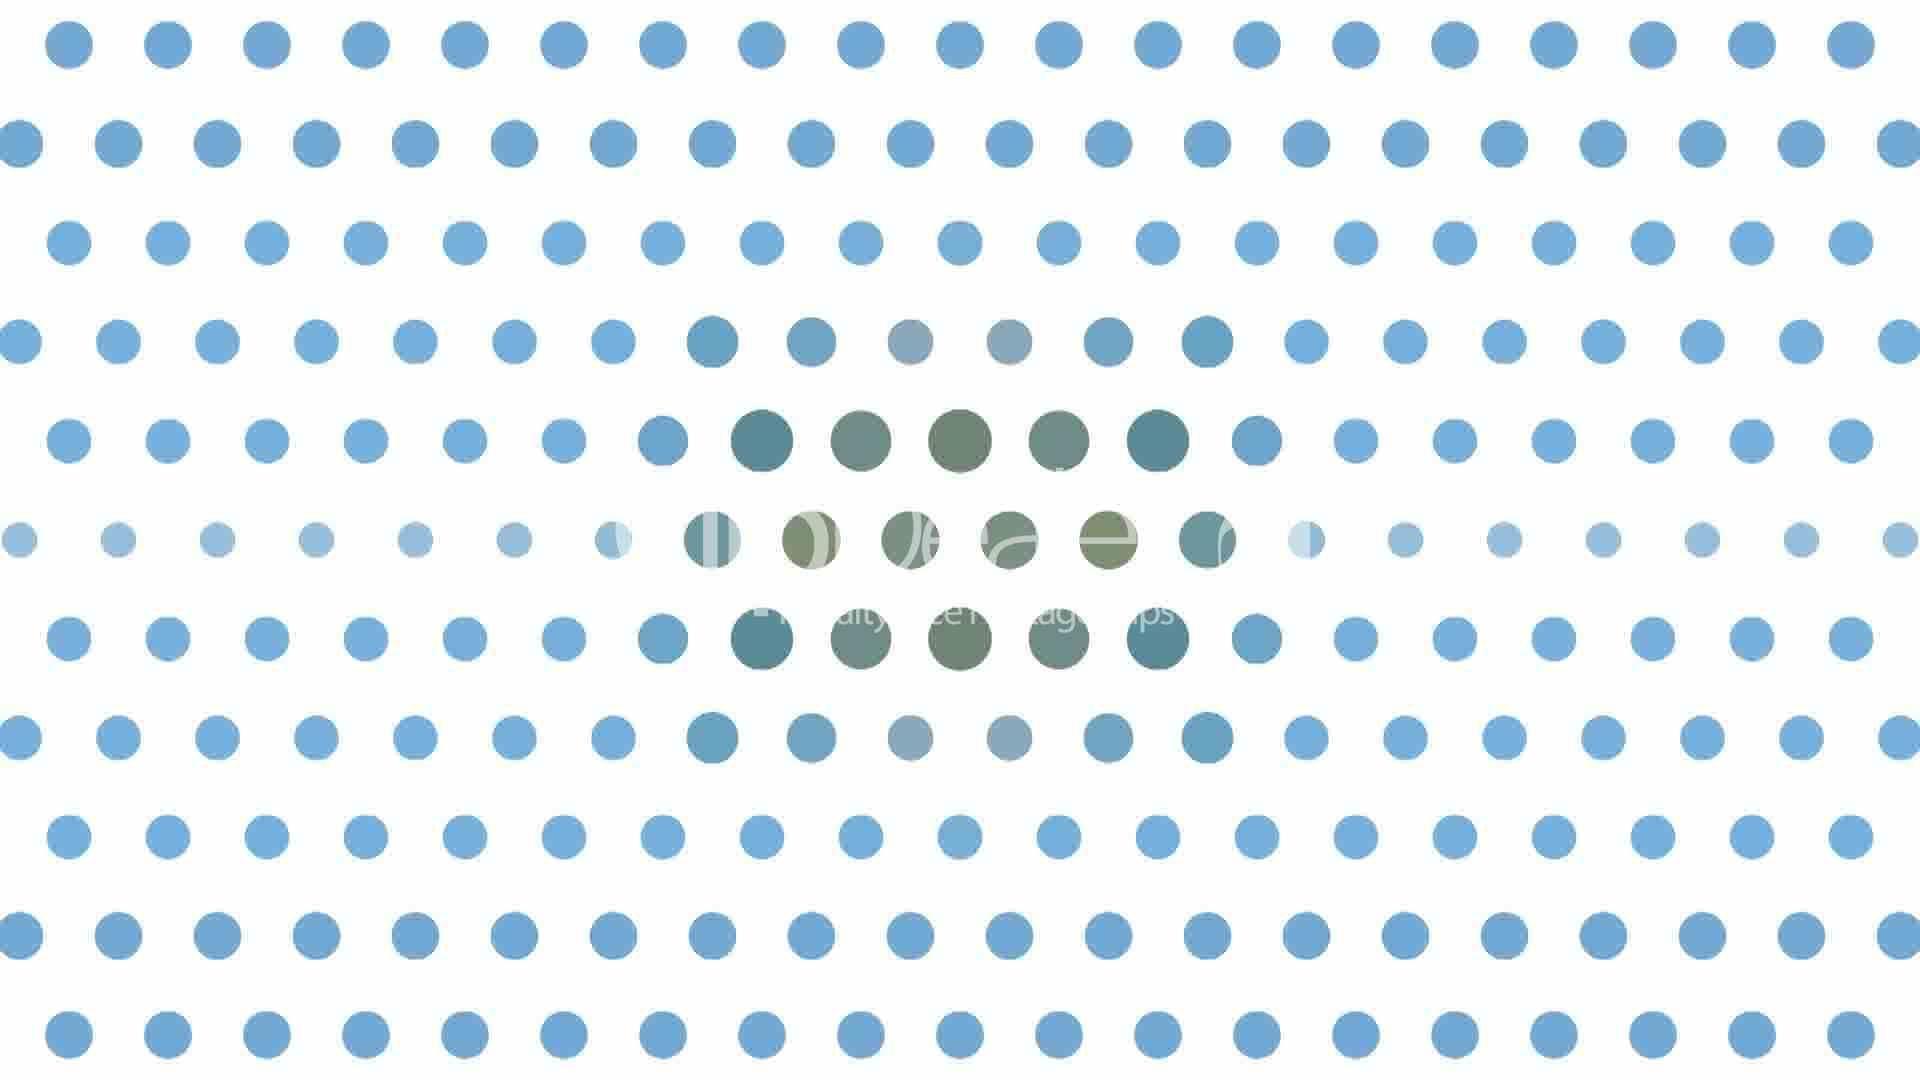 Dots screen wallpaper